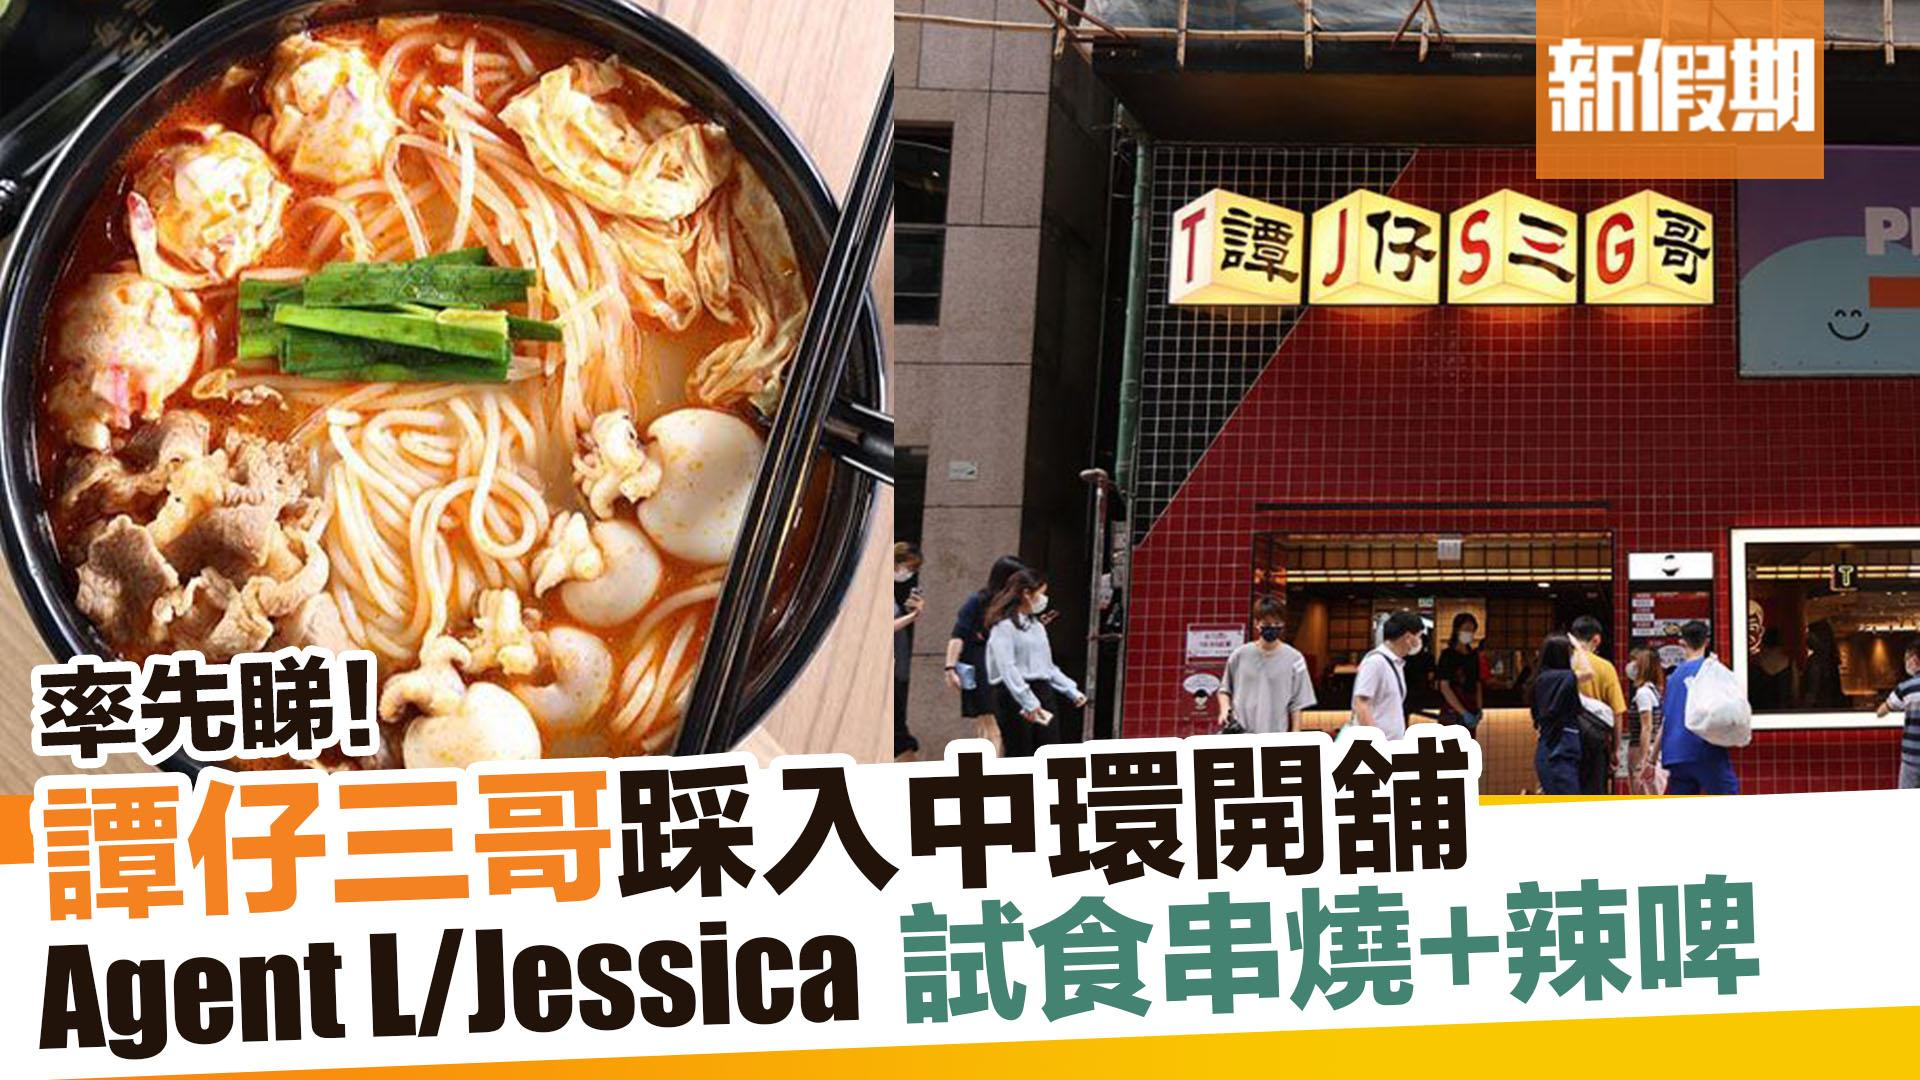 【新品速遞】譚仔三哥「老蘭三哥」中環翠華舊址! 佔地2層 Agent L+女神Jessica率先試食 新假期